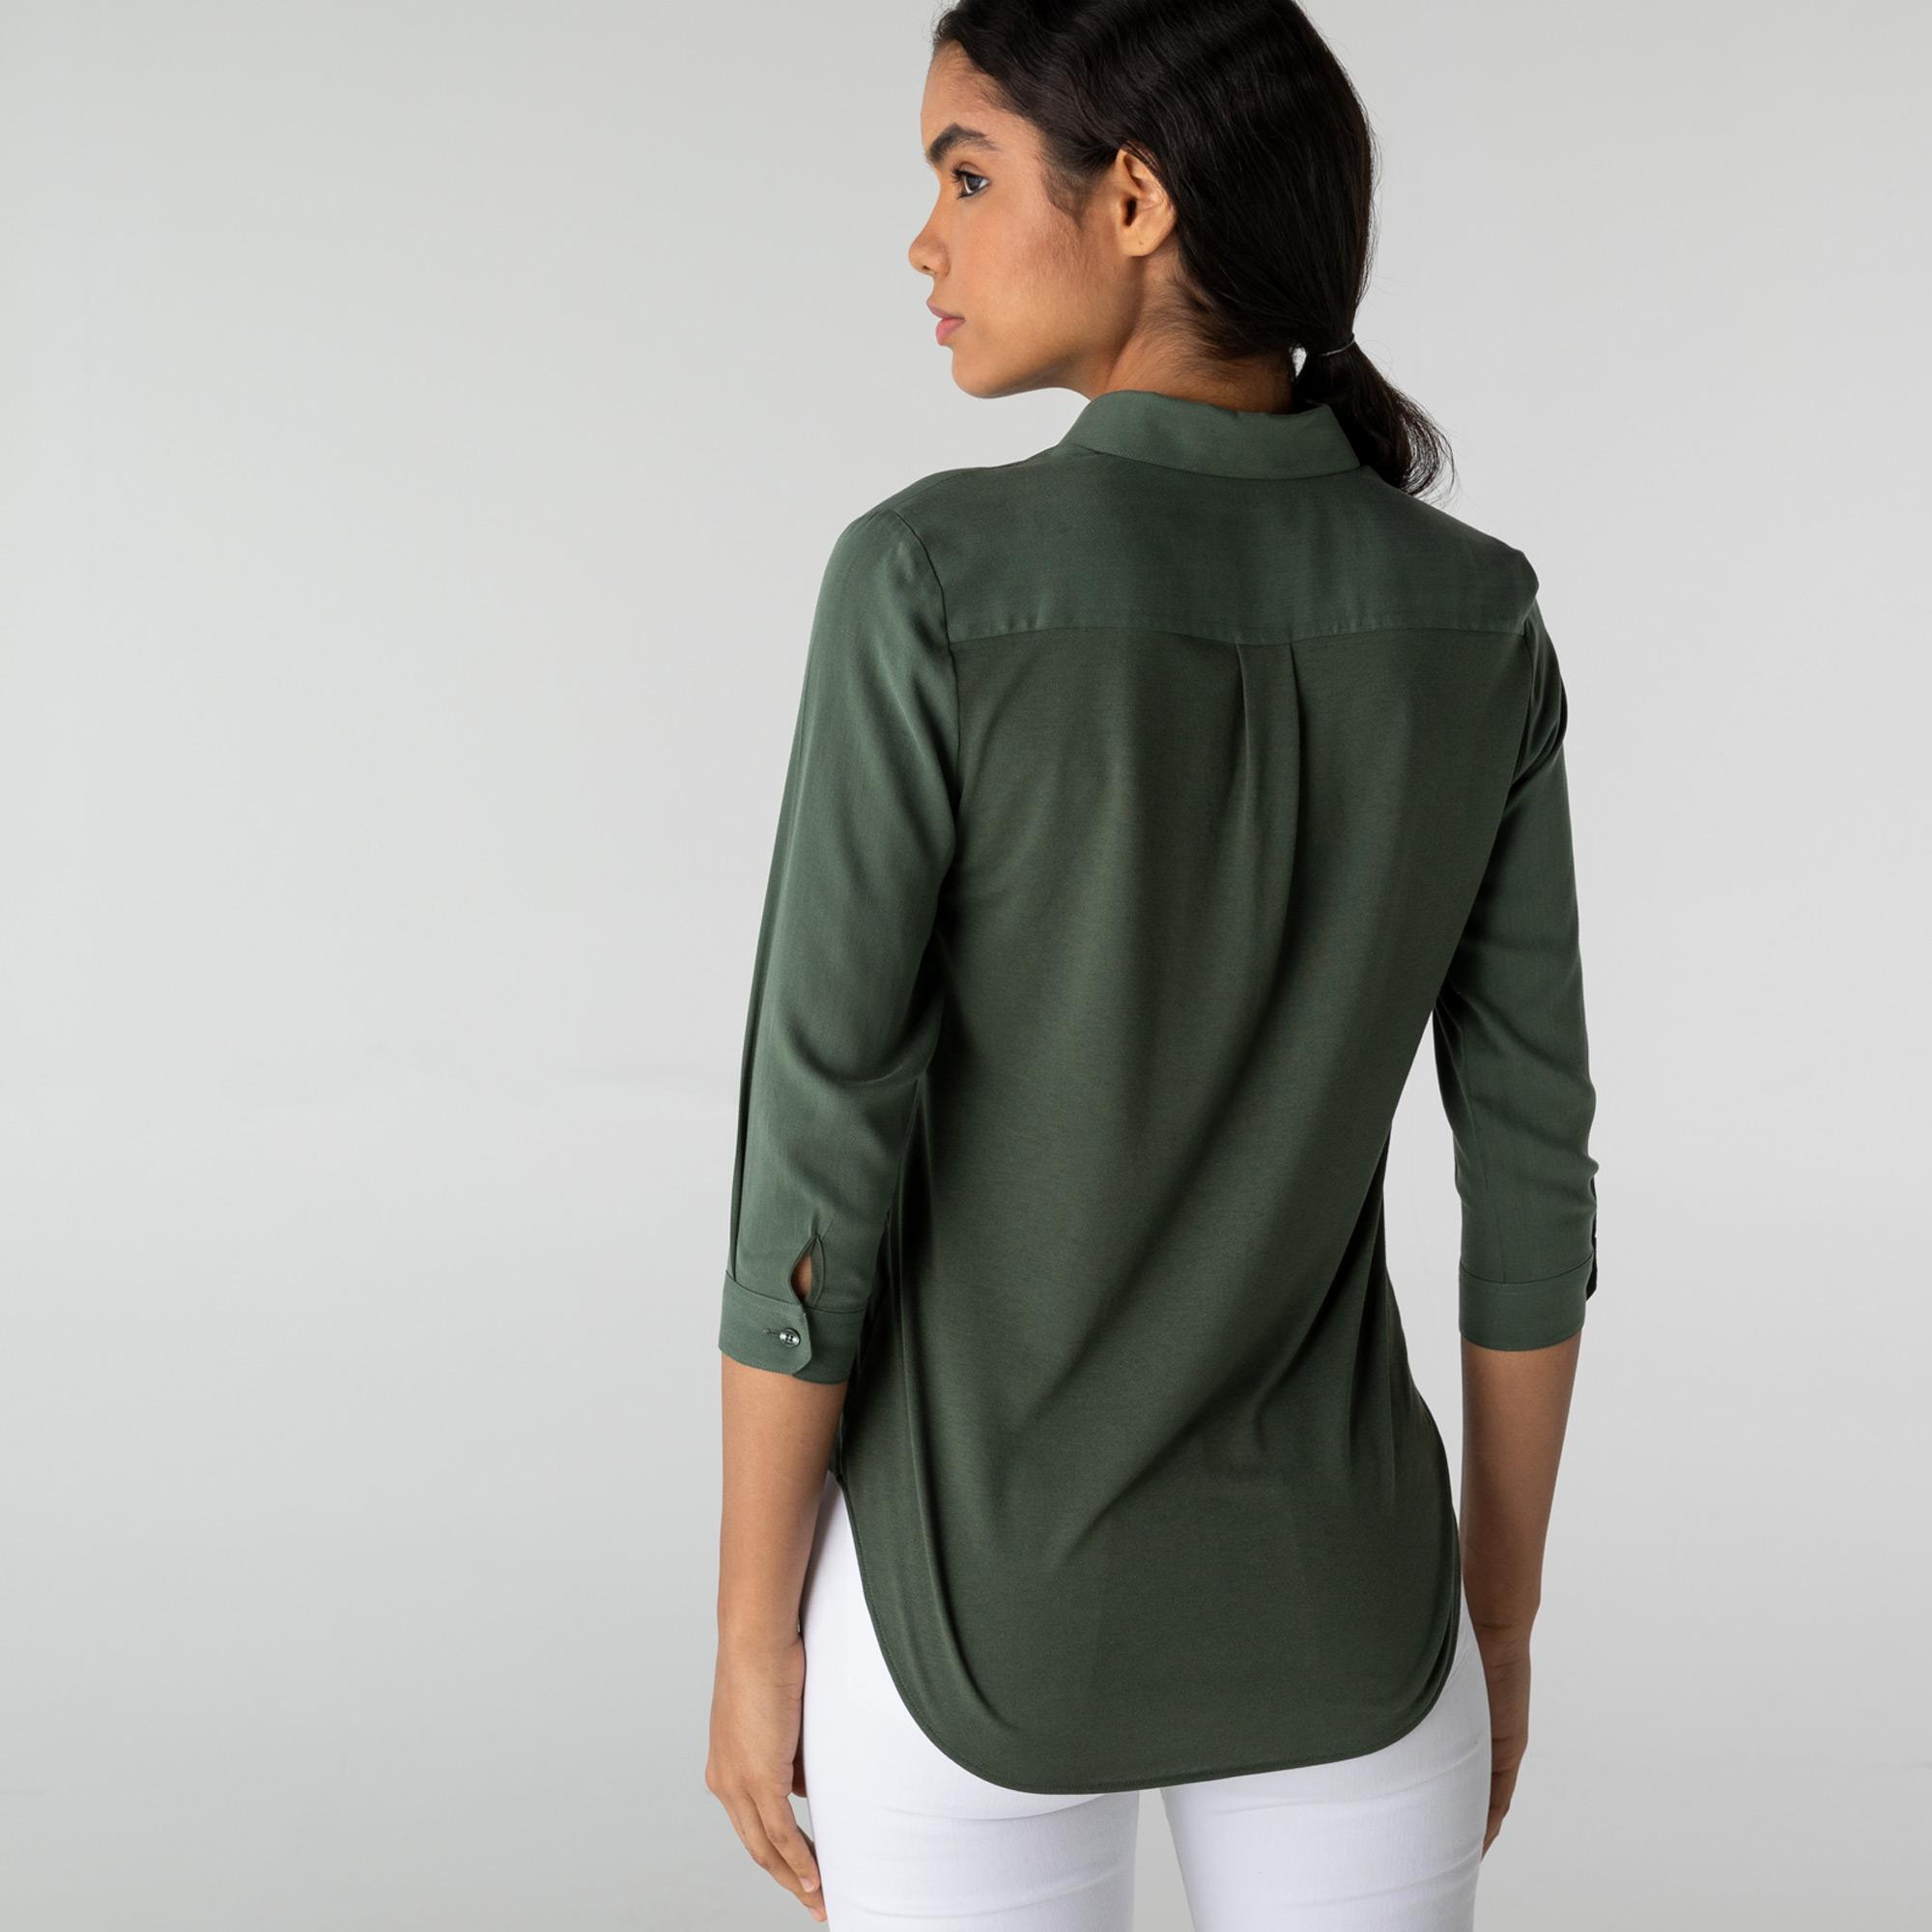 Lacoste Kadın Yeşil Gömlek